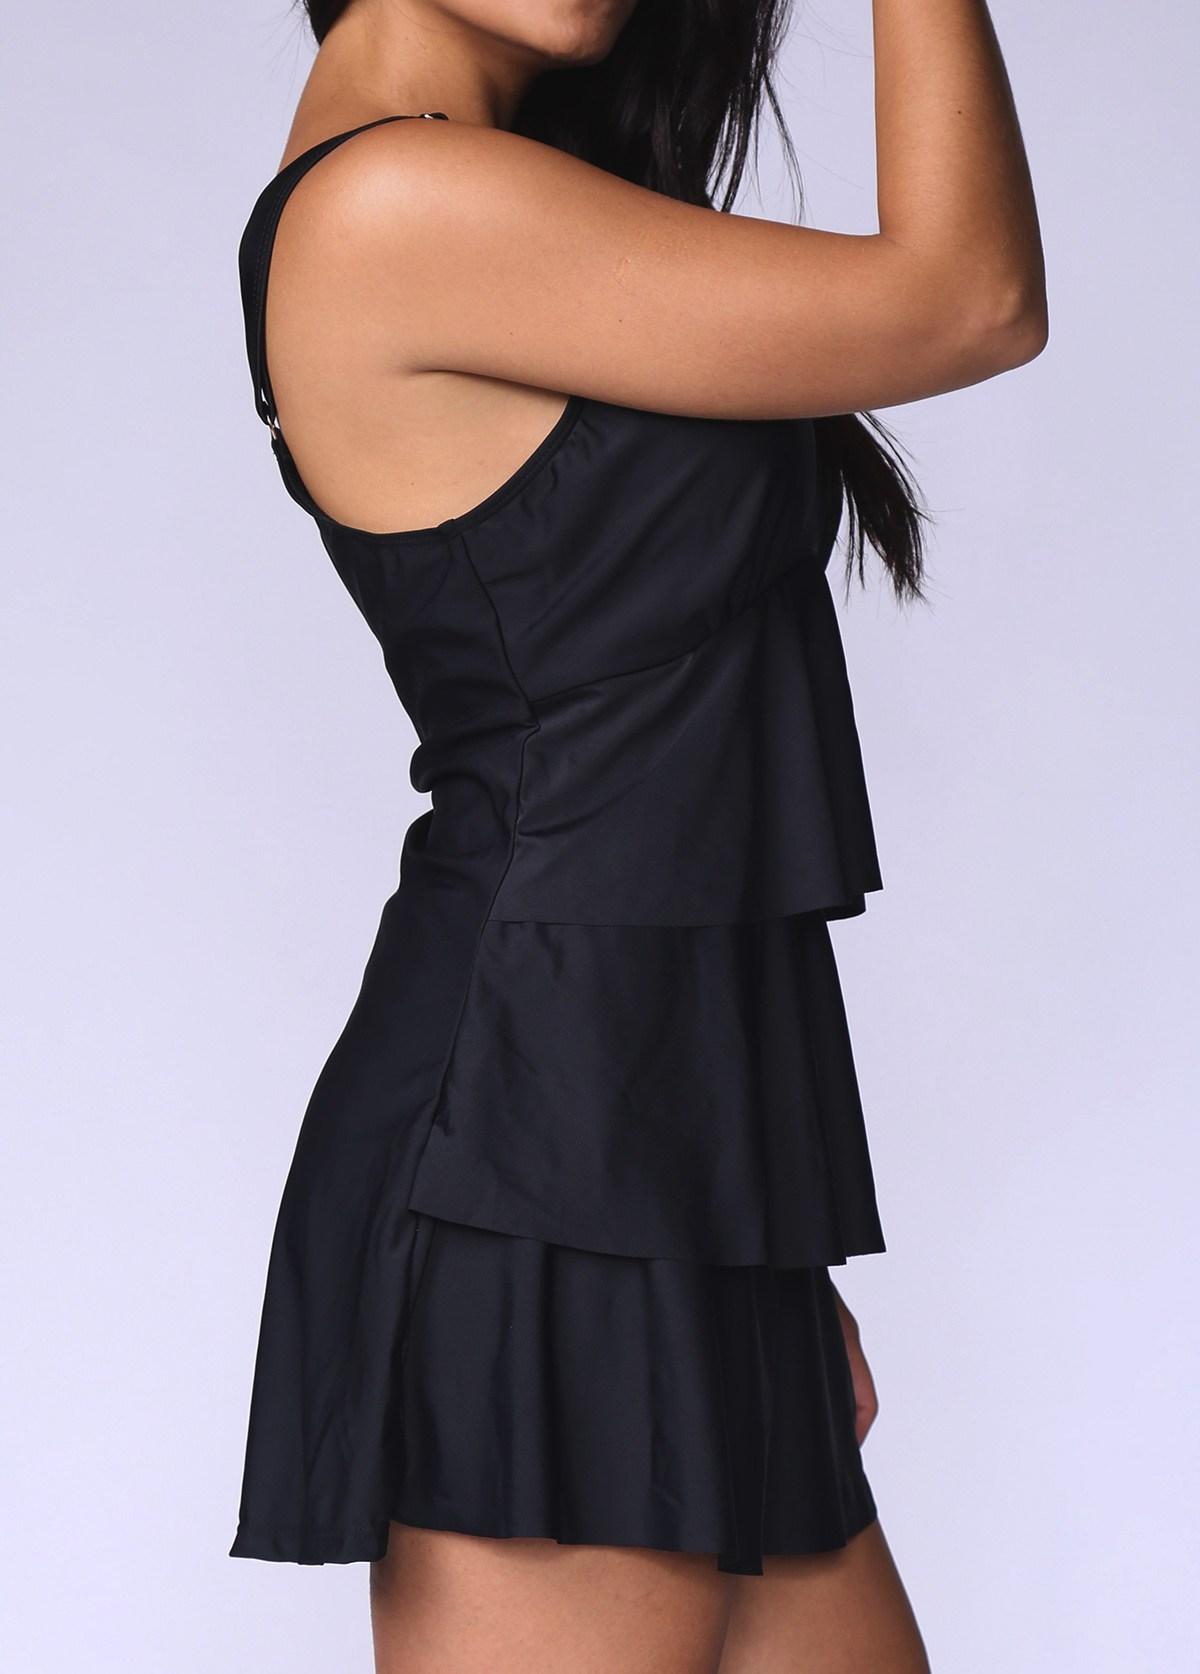 Black Layered Ruffle Hem Plus Size Swimdress and Panty